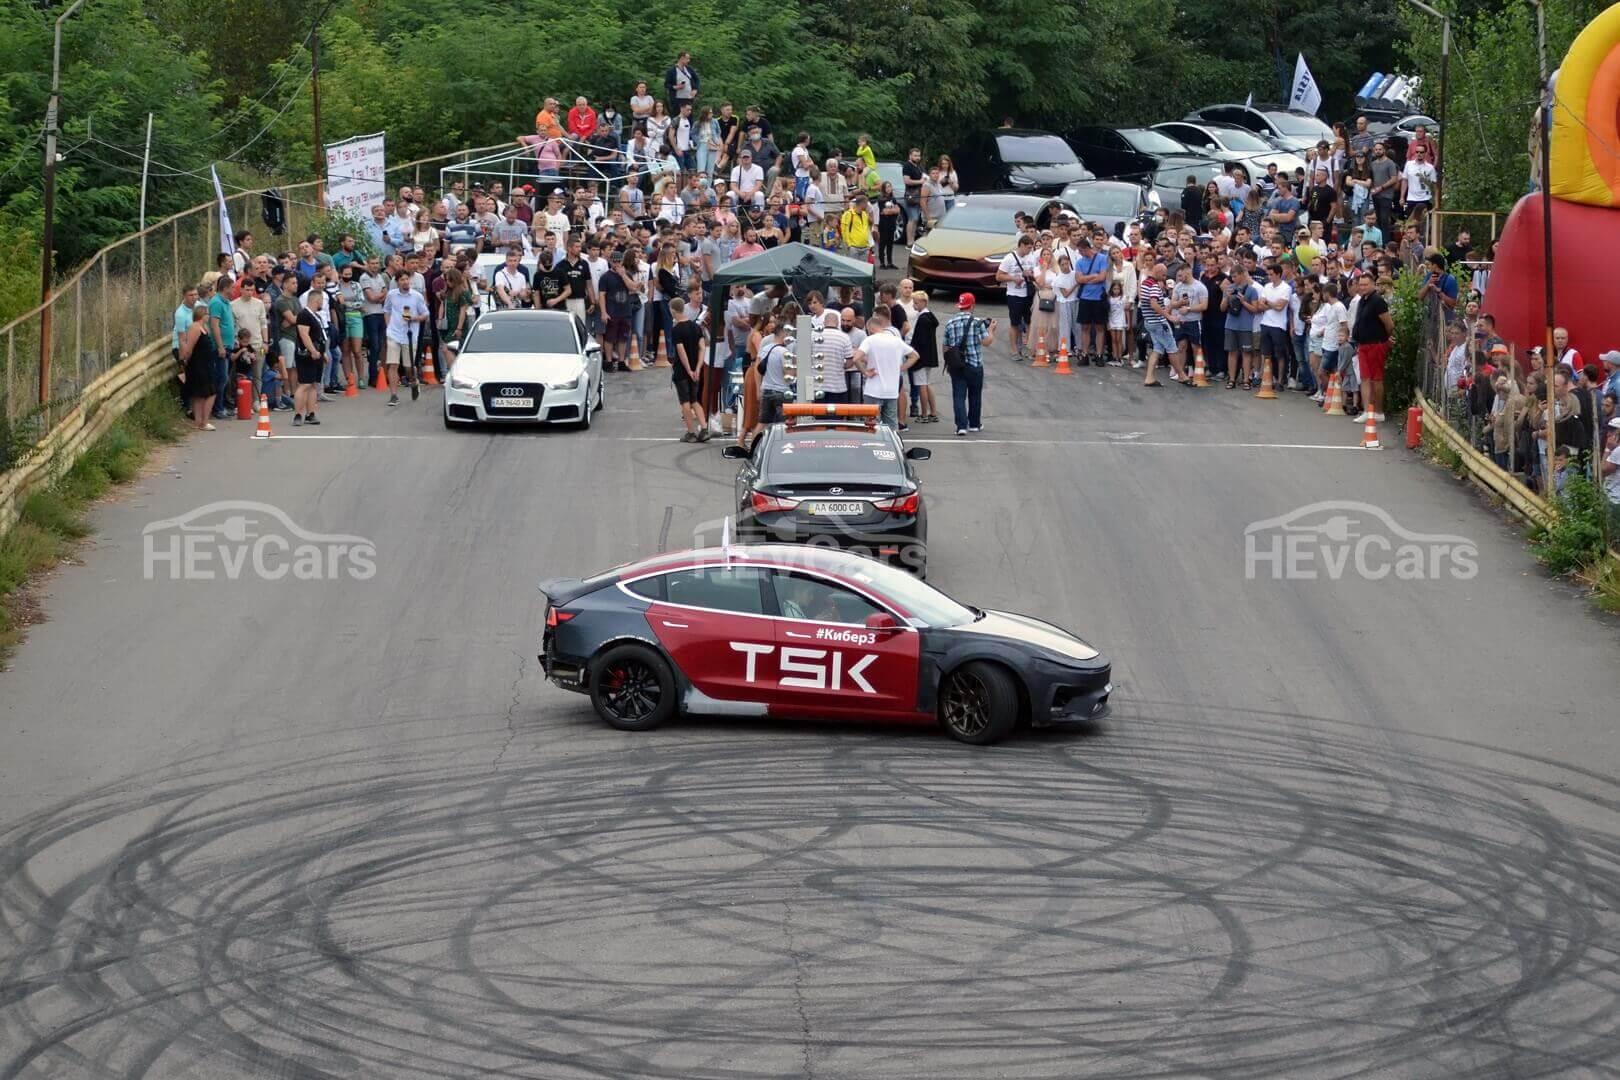 На автодроме Чайка состоялись соревнования по дрэг-рейсингу электромобилей